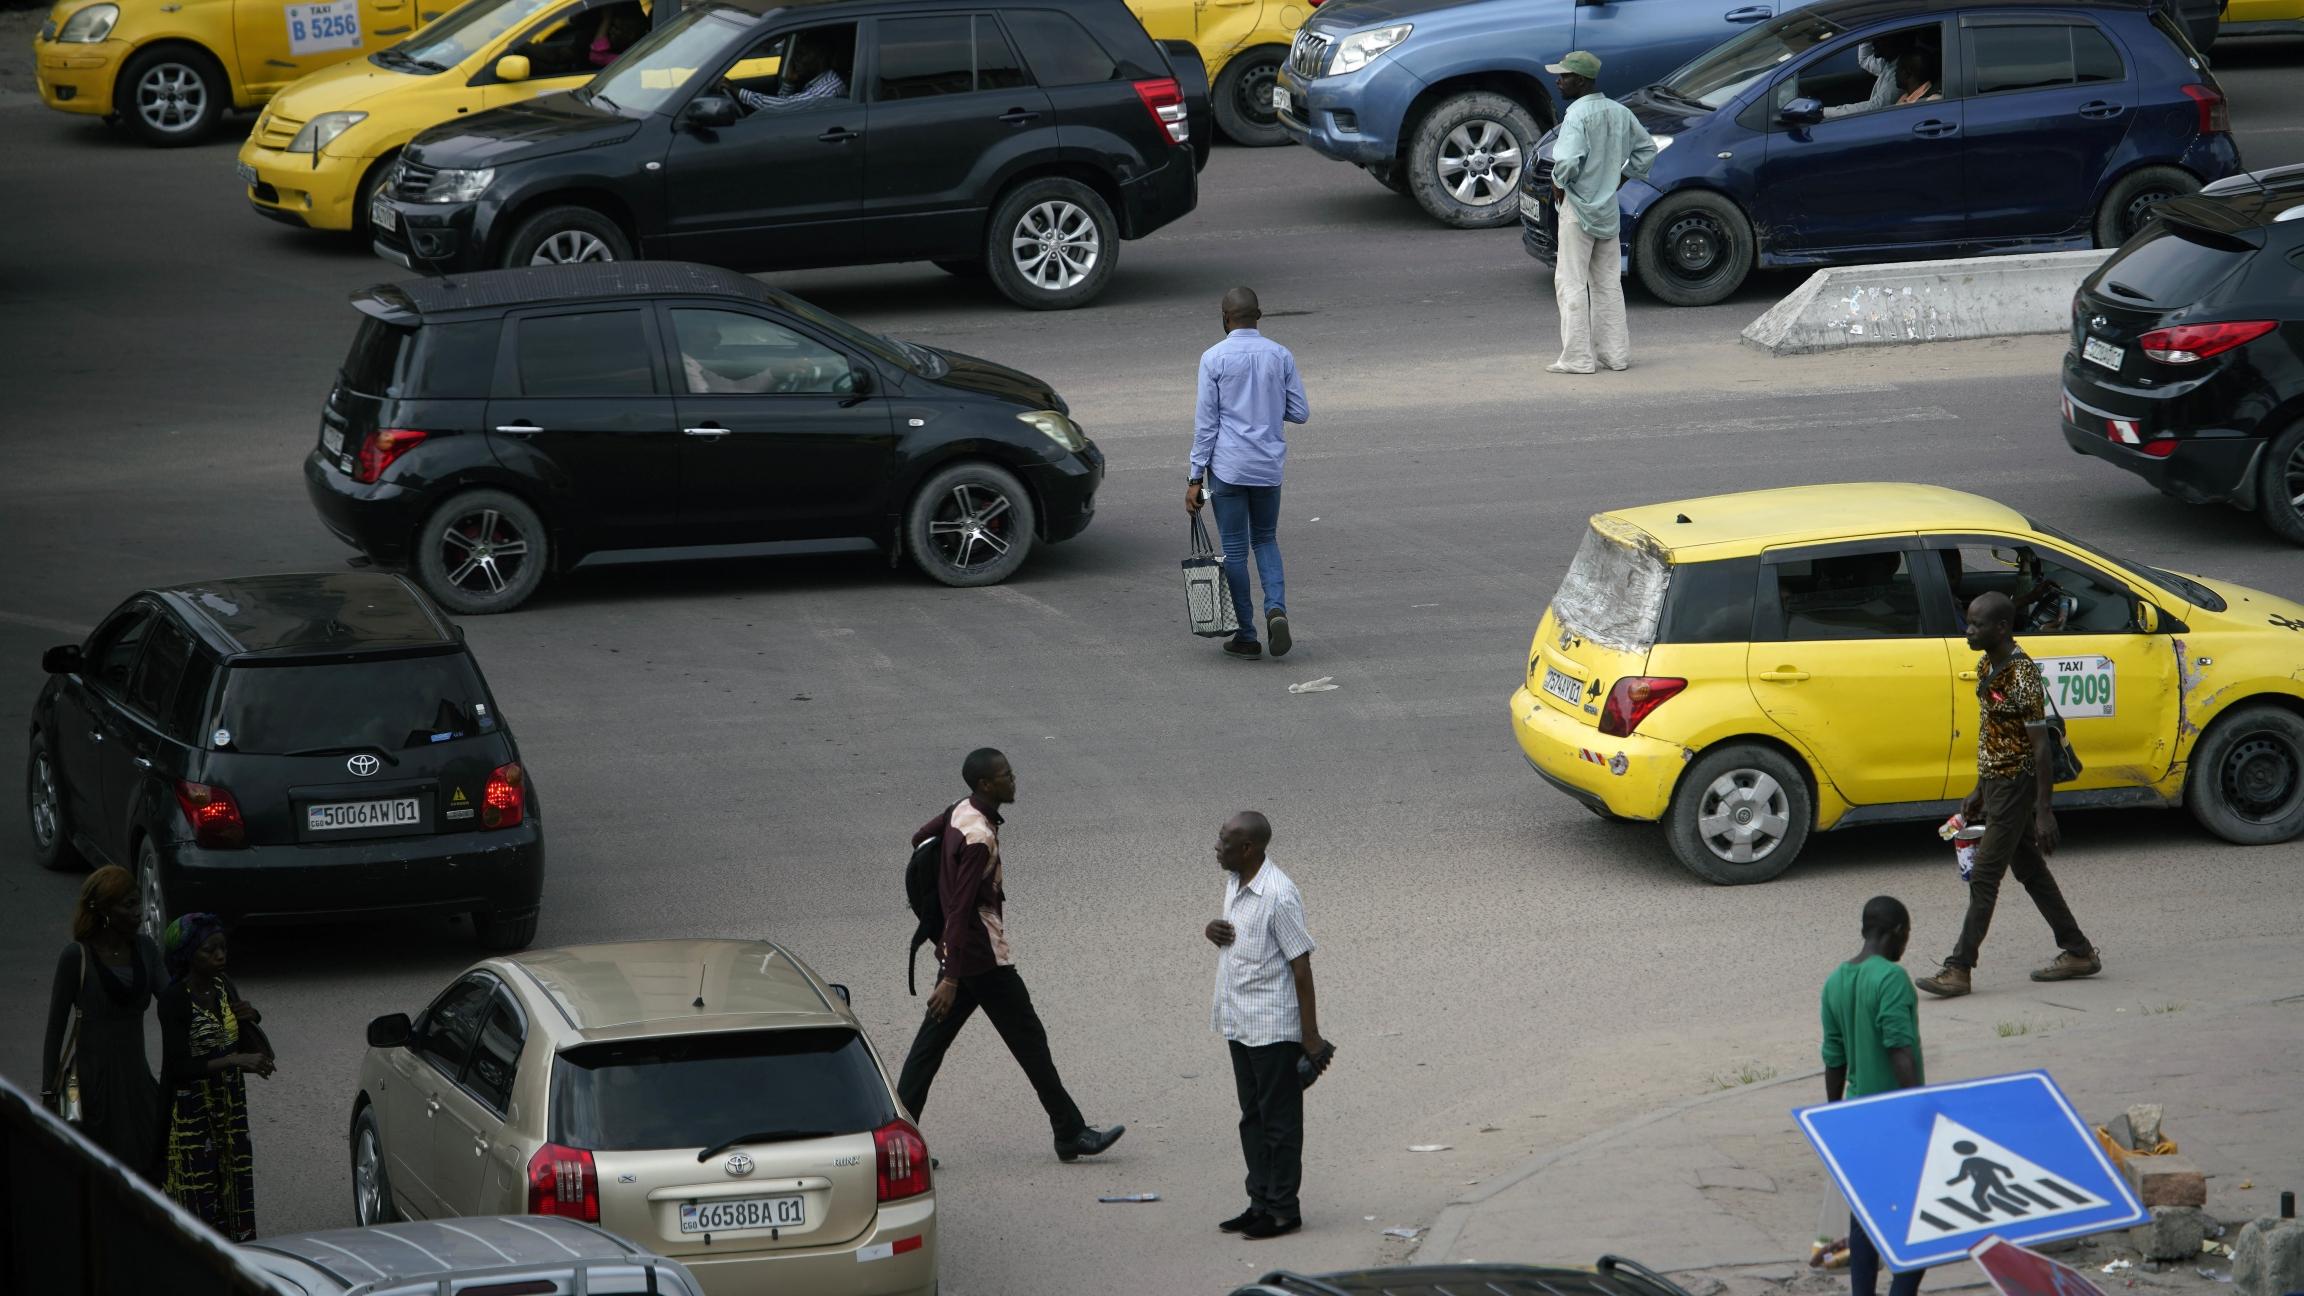 Pedestrians cross a busy street in Kinshasa.